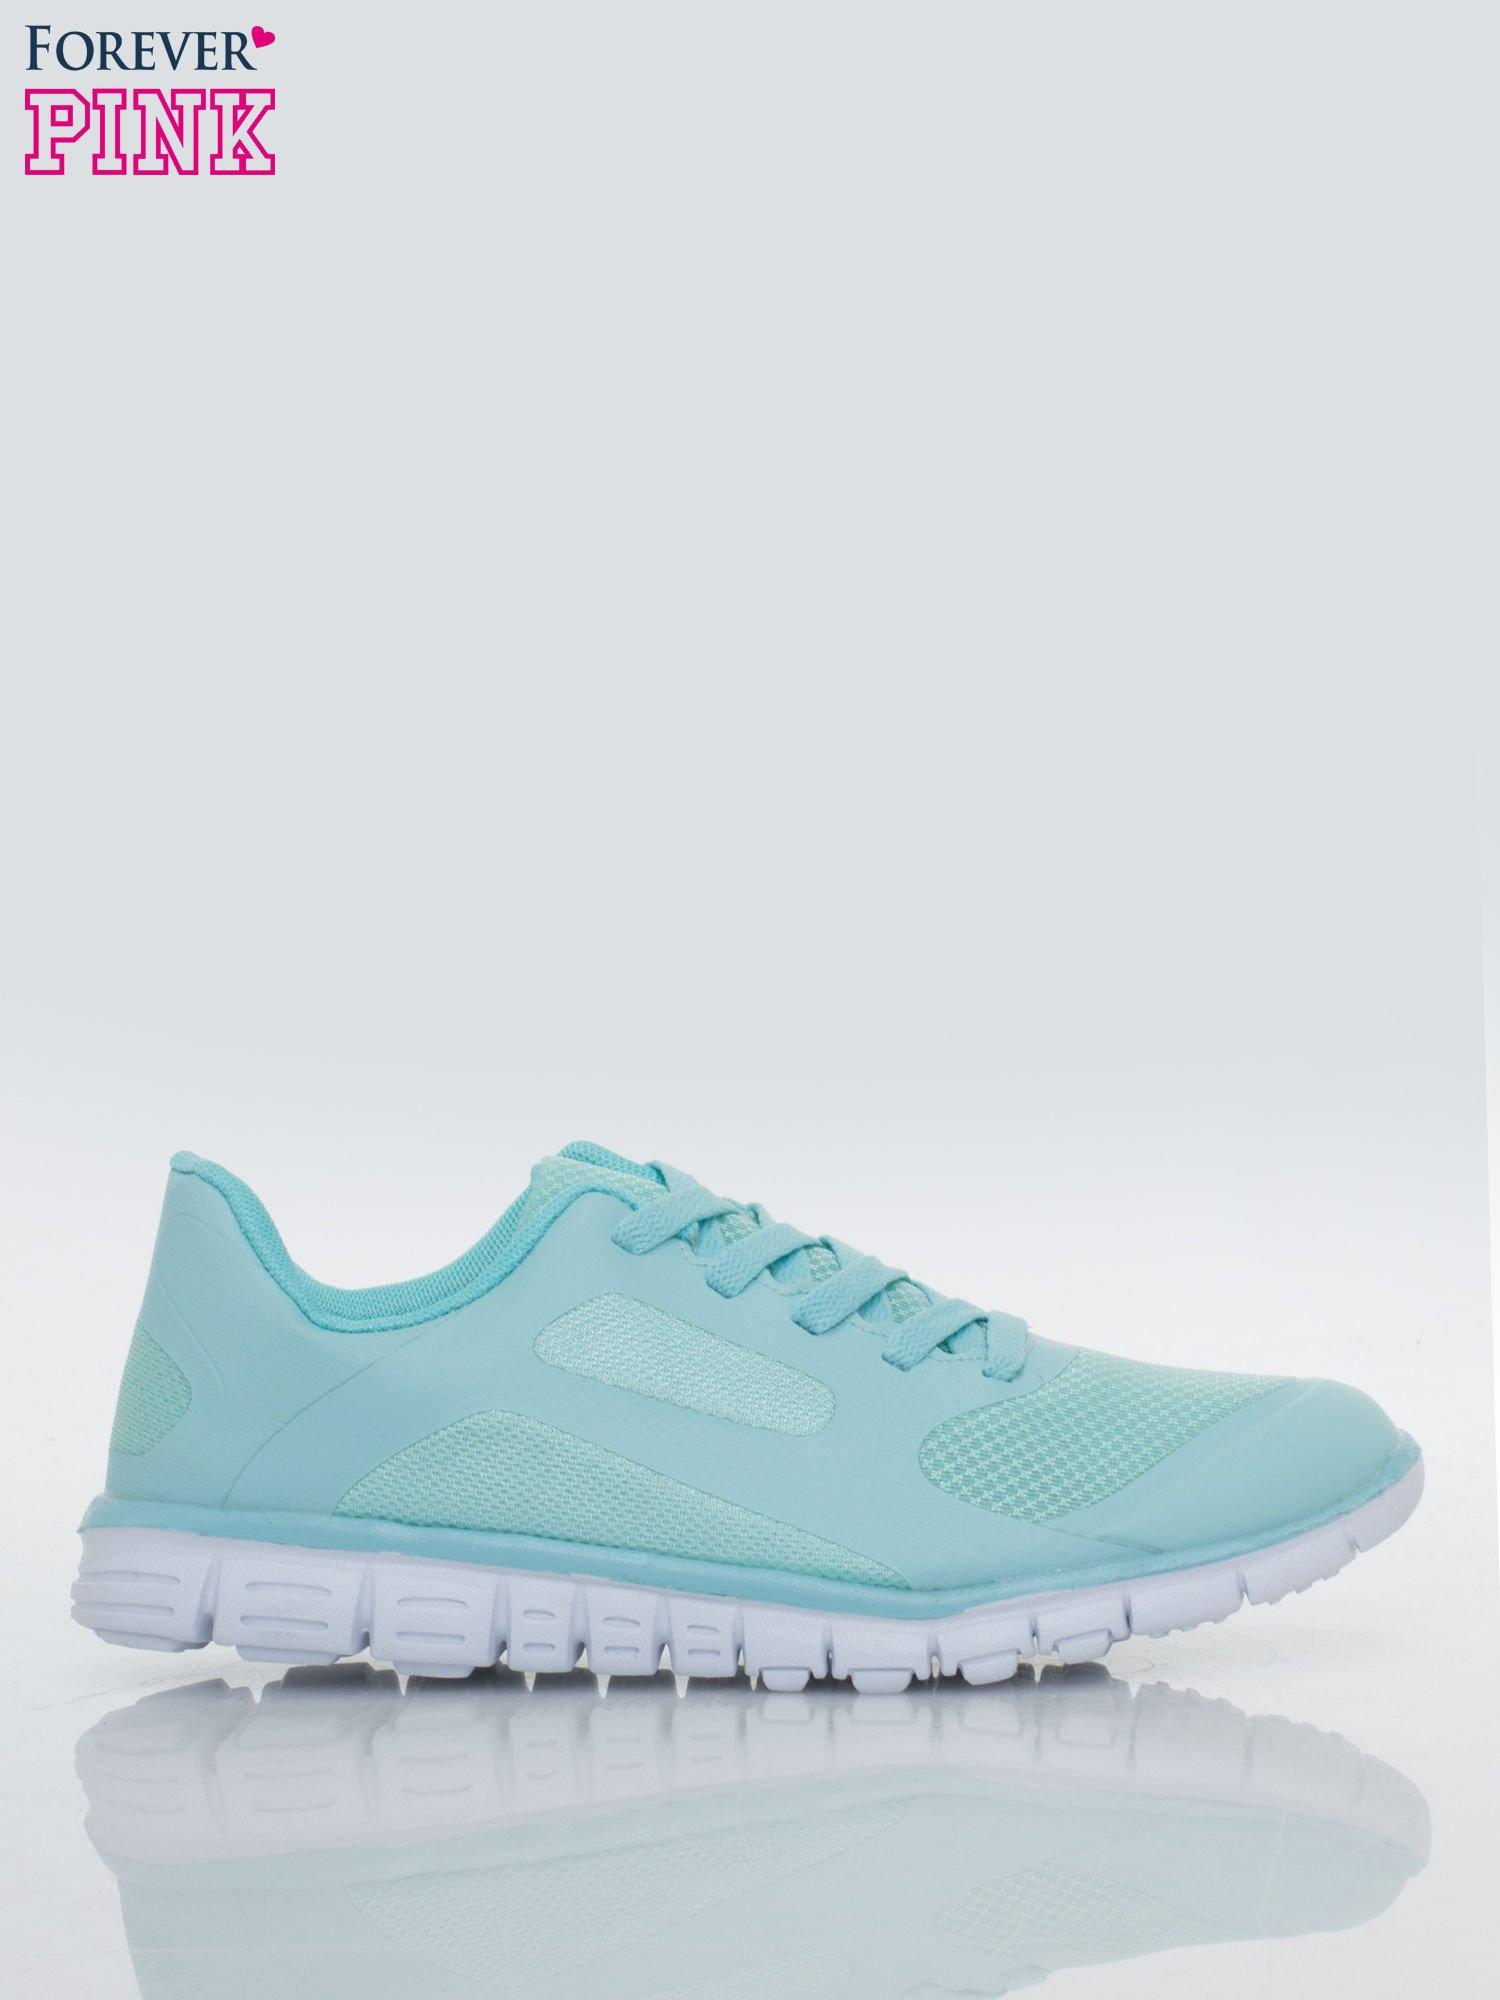 Niebieskie buty sportowe damskie z podeszwą z rowkami flex                                  zdj.                                  1